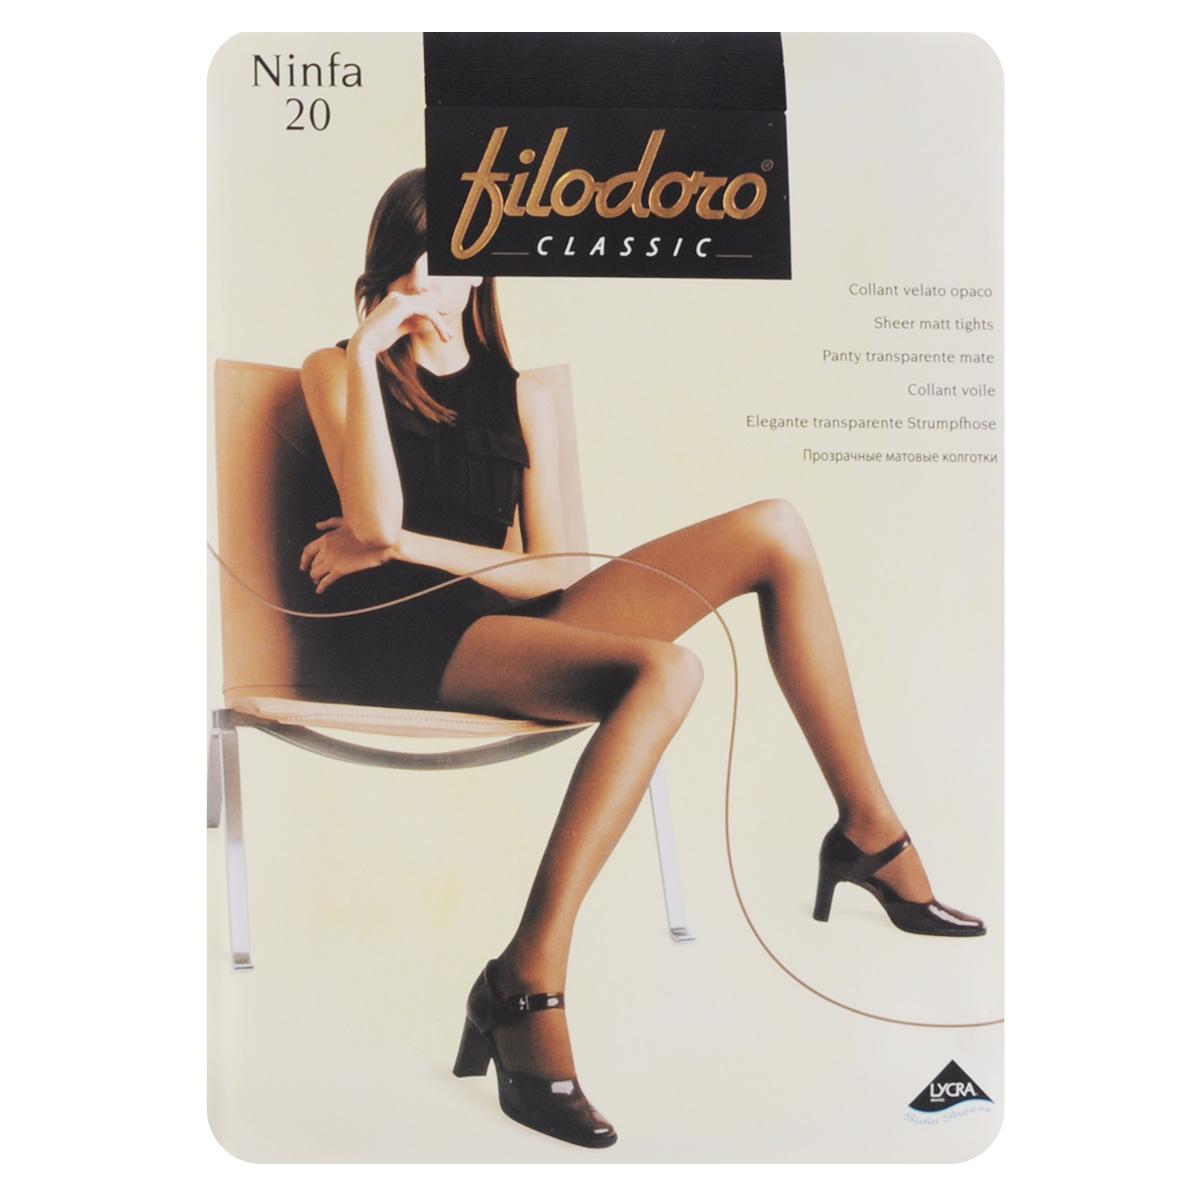 Колготки женские Classic Ninfa 20C109172FCТонкие матовые эластичные колготки Filodoro Classic Ninfa, однородные по всей длине, с комфортным швом, гигиеничной ластовицей и укрепленным мыском. Плотность: 20 den.